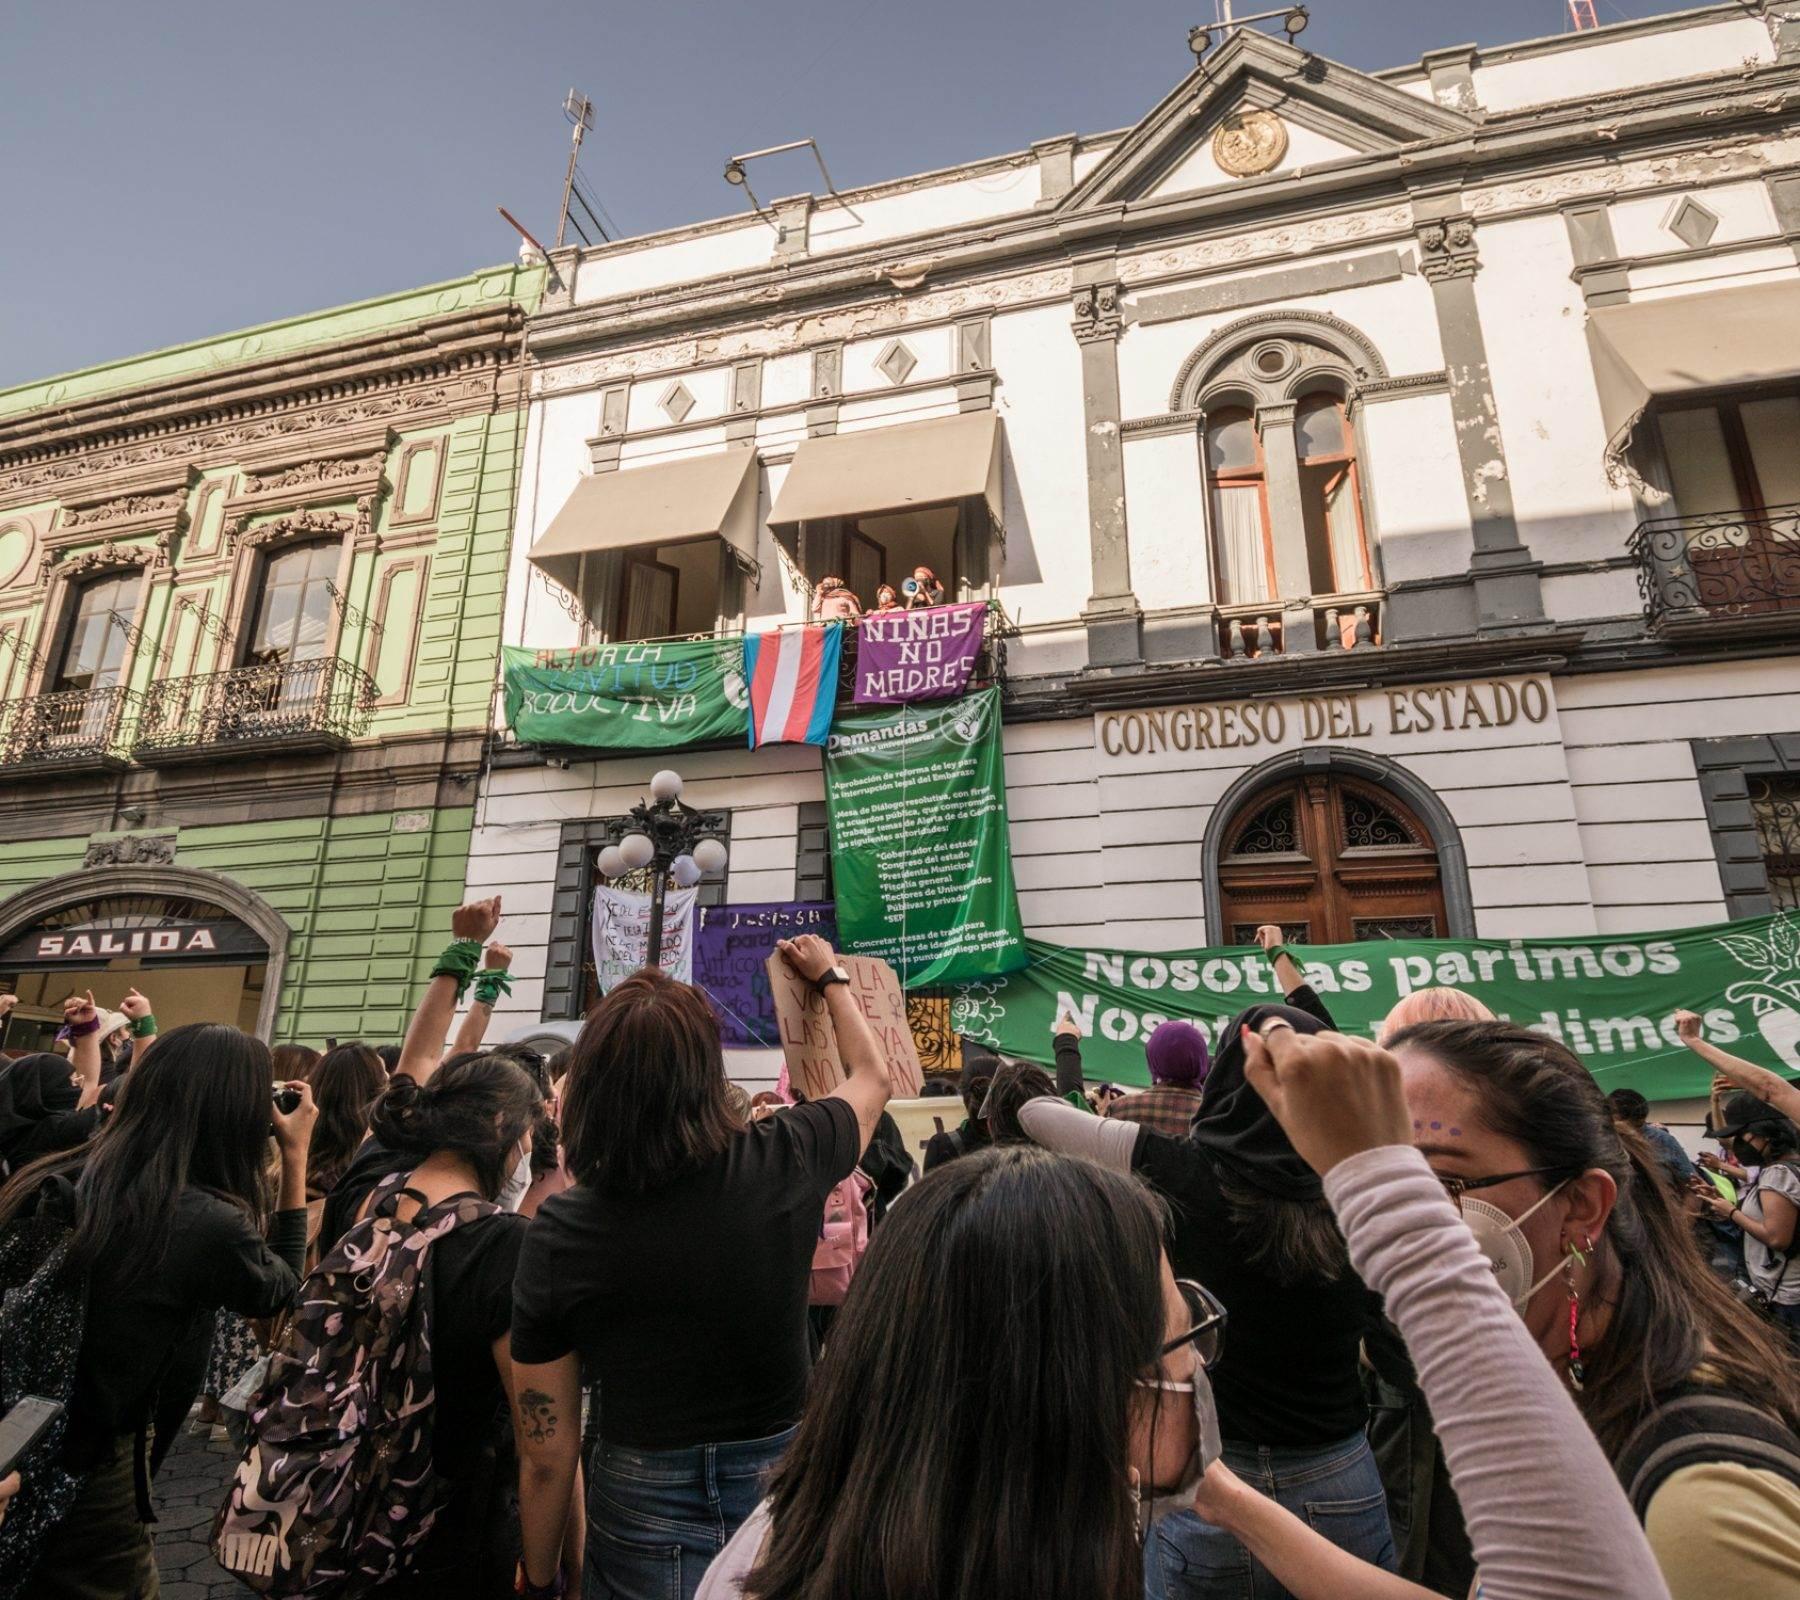 La toma pacífica del Congreso de Puebla duró 25 días,   forma pacífica la sede legislativa durante 25 días, entre mediados de noviembre y diciembre del año pasado. Fotografía: Daniel Chazari.